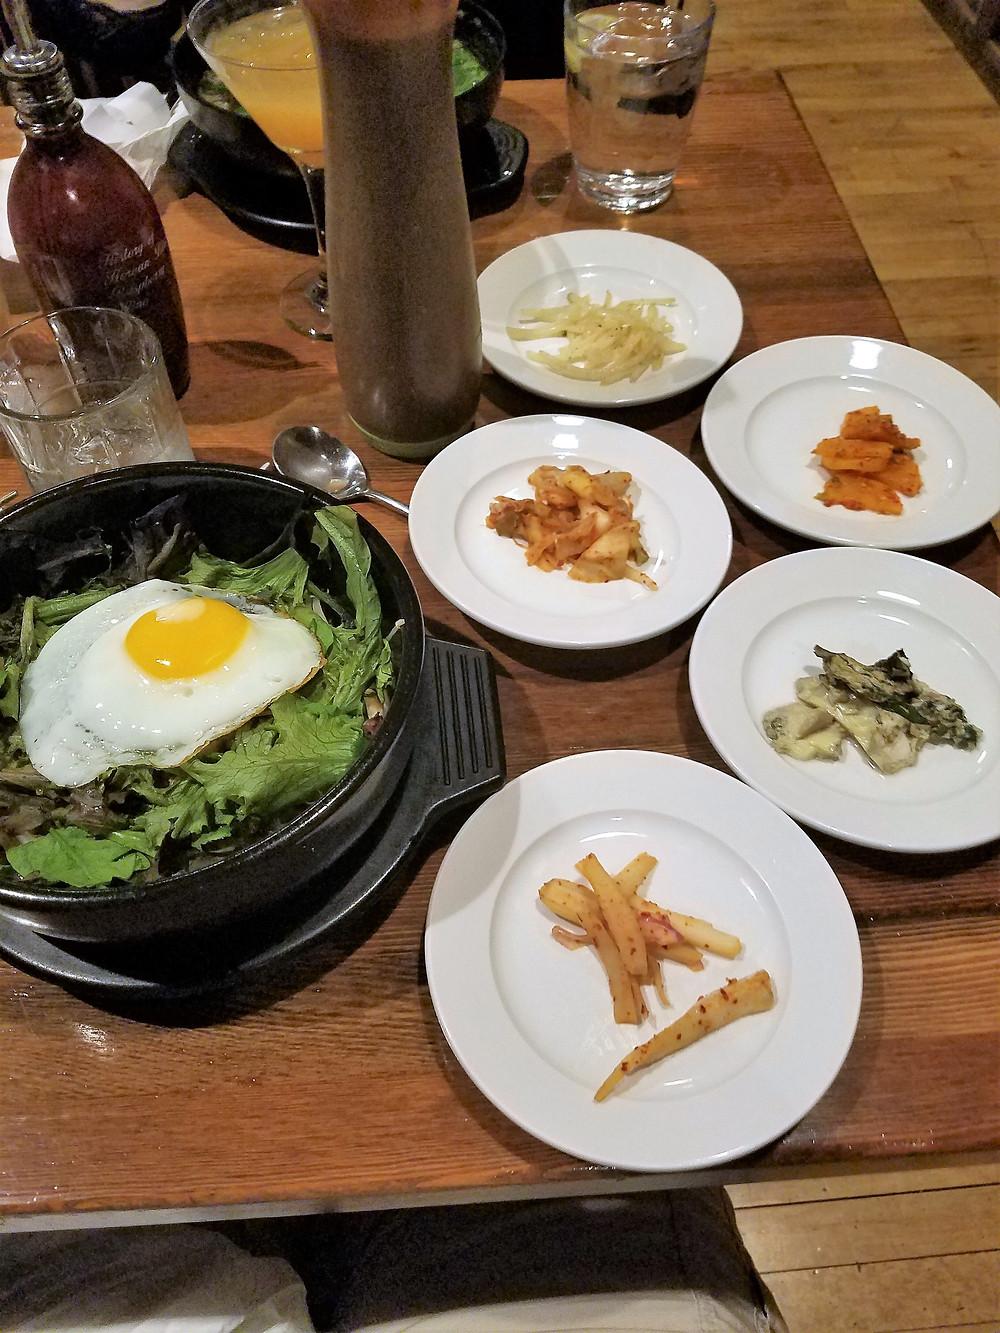 SooRah Korean Cuisine, Korean Food in the Rogue Valley